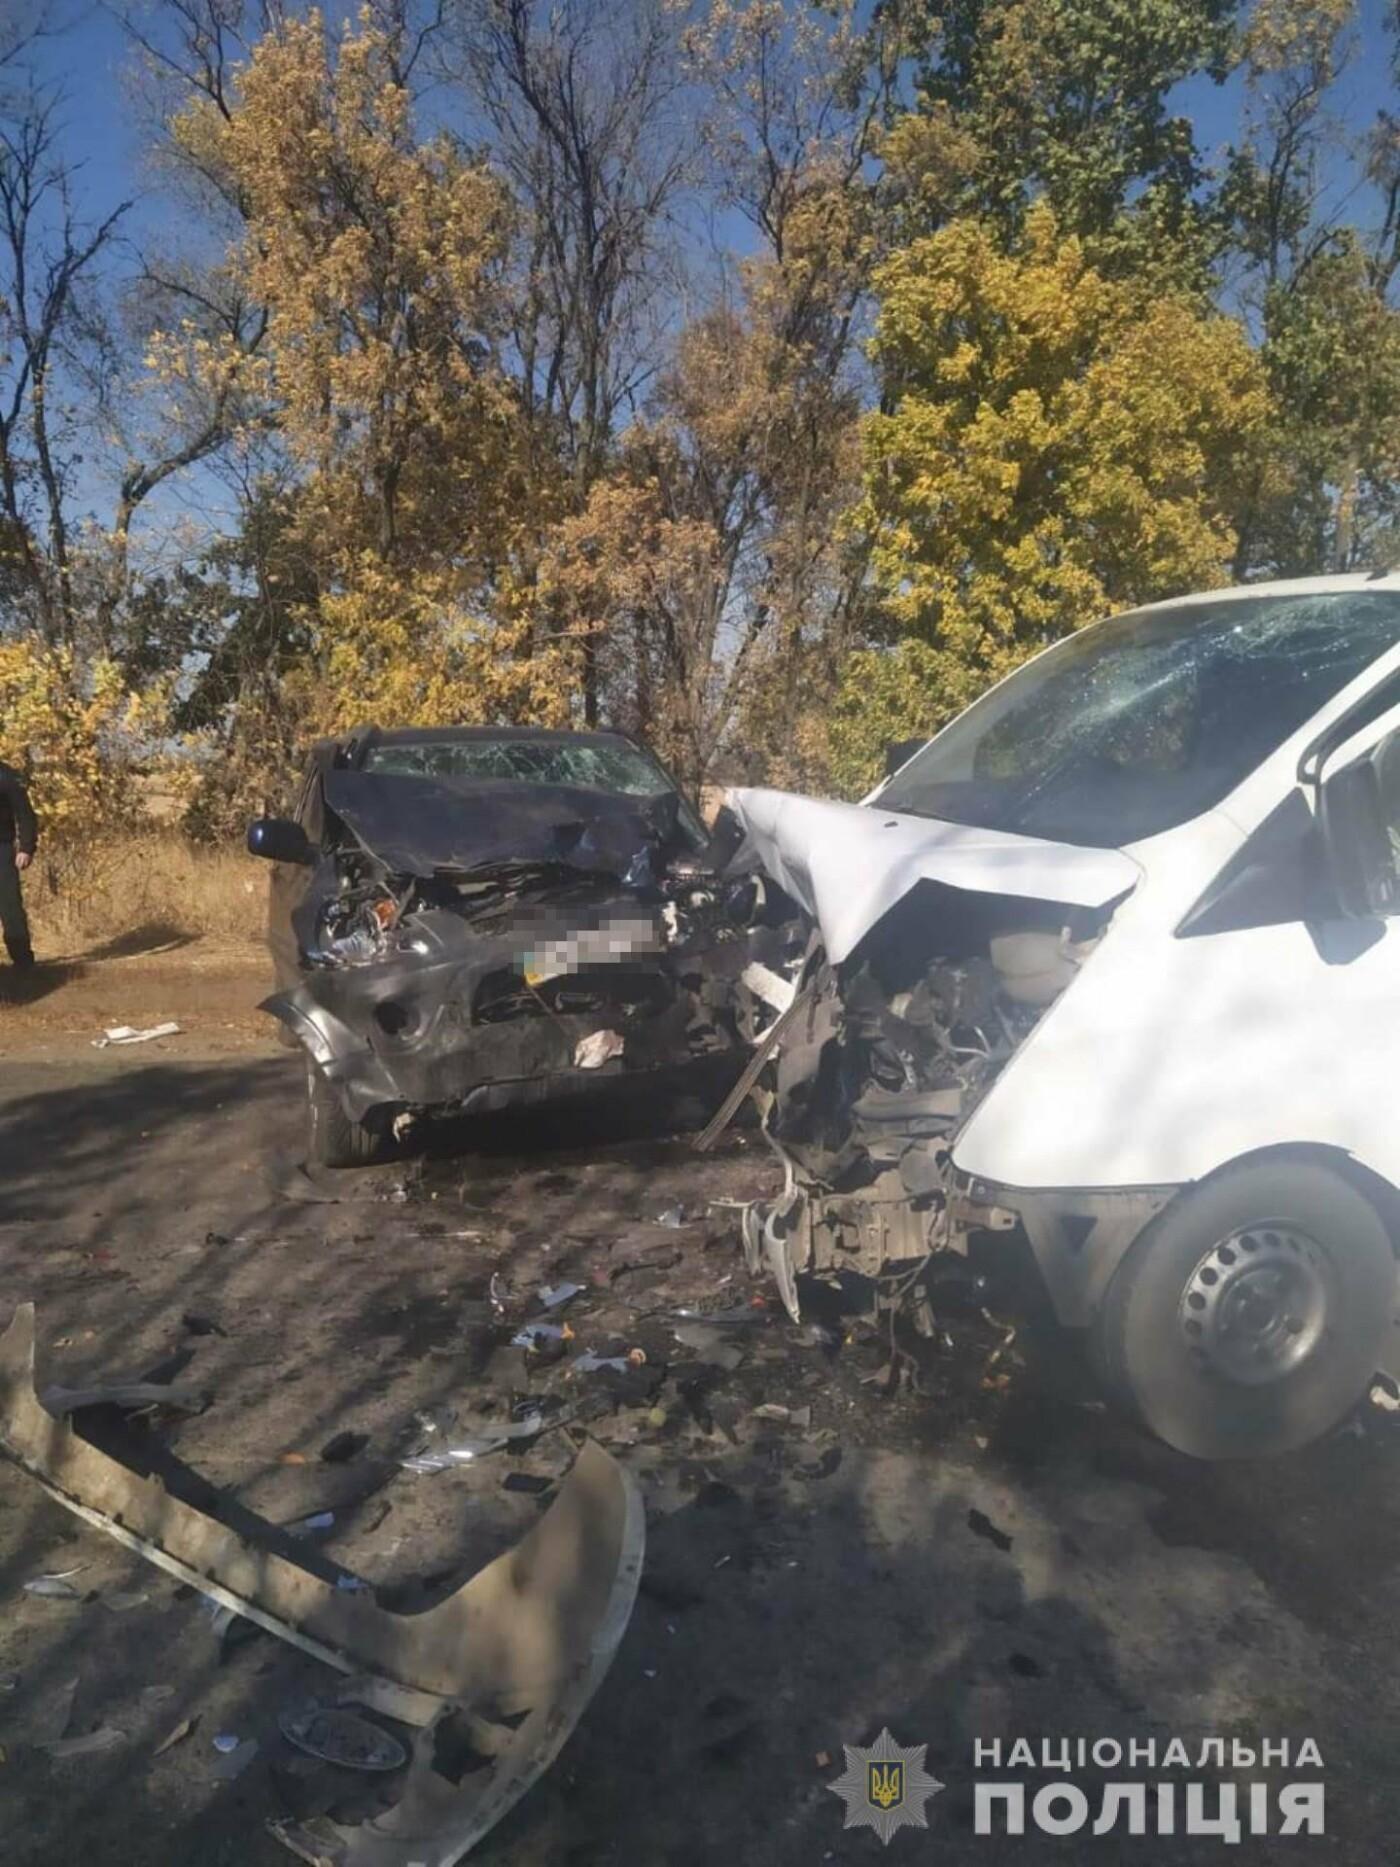 Под Харьковом автобус врезался в легковое авто. Один из пассажиров погиб, - ФОТО, фото-1